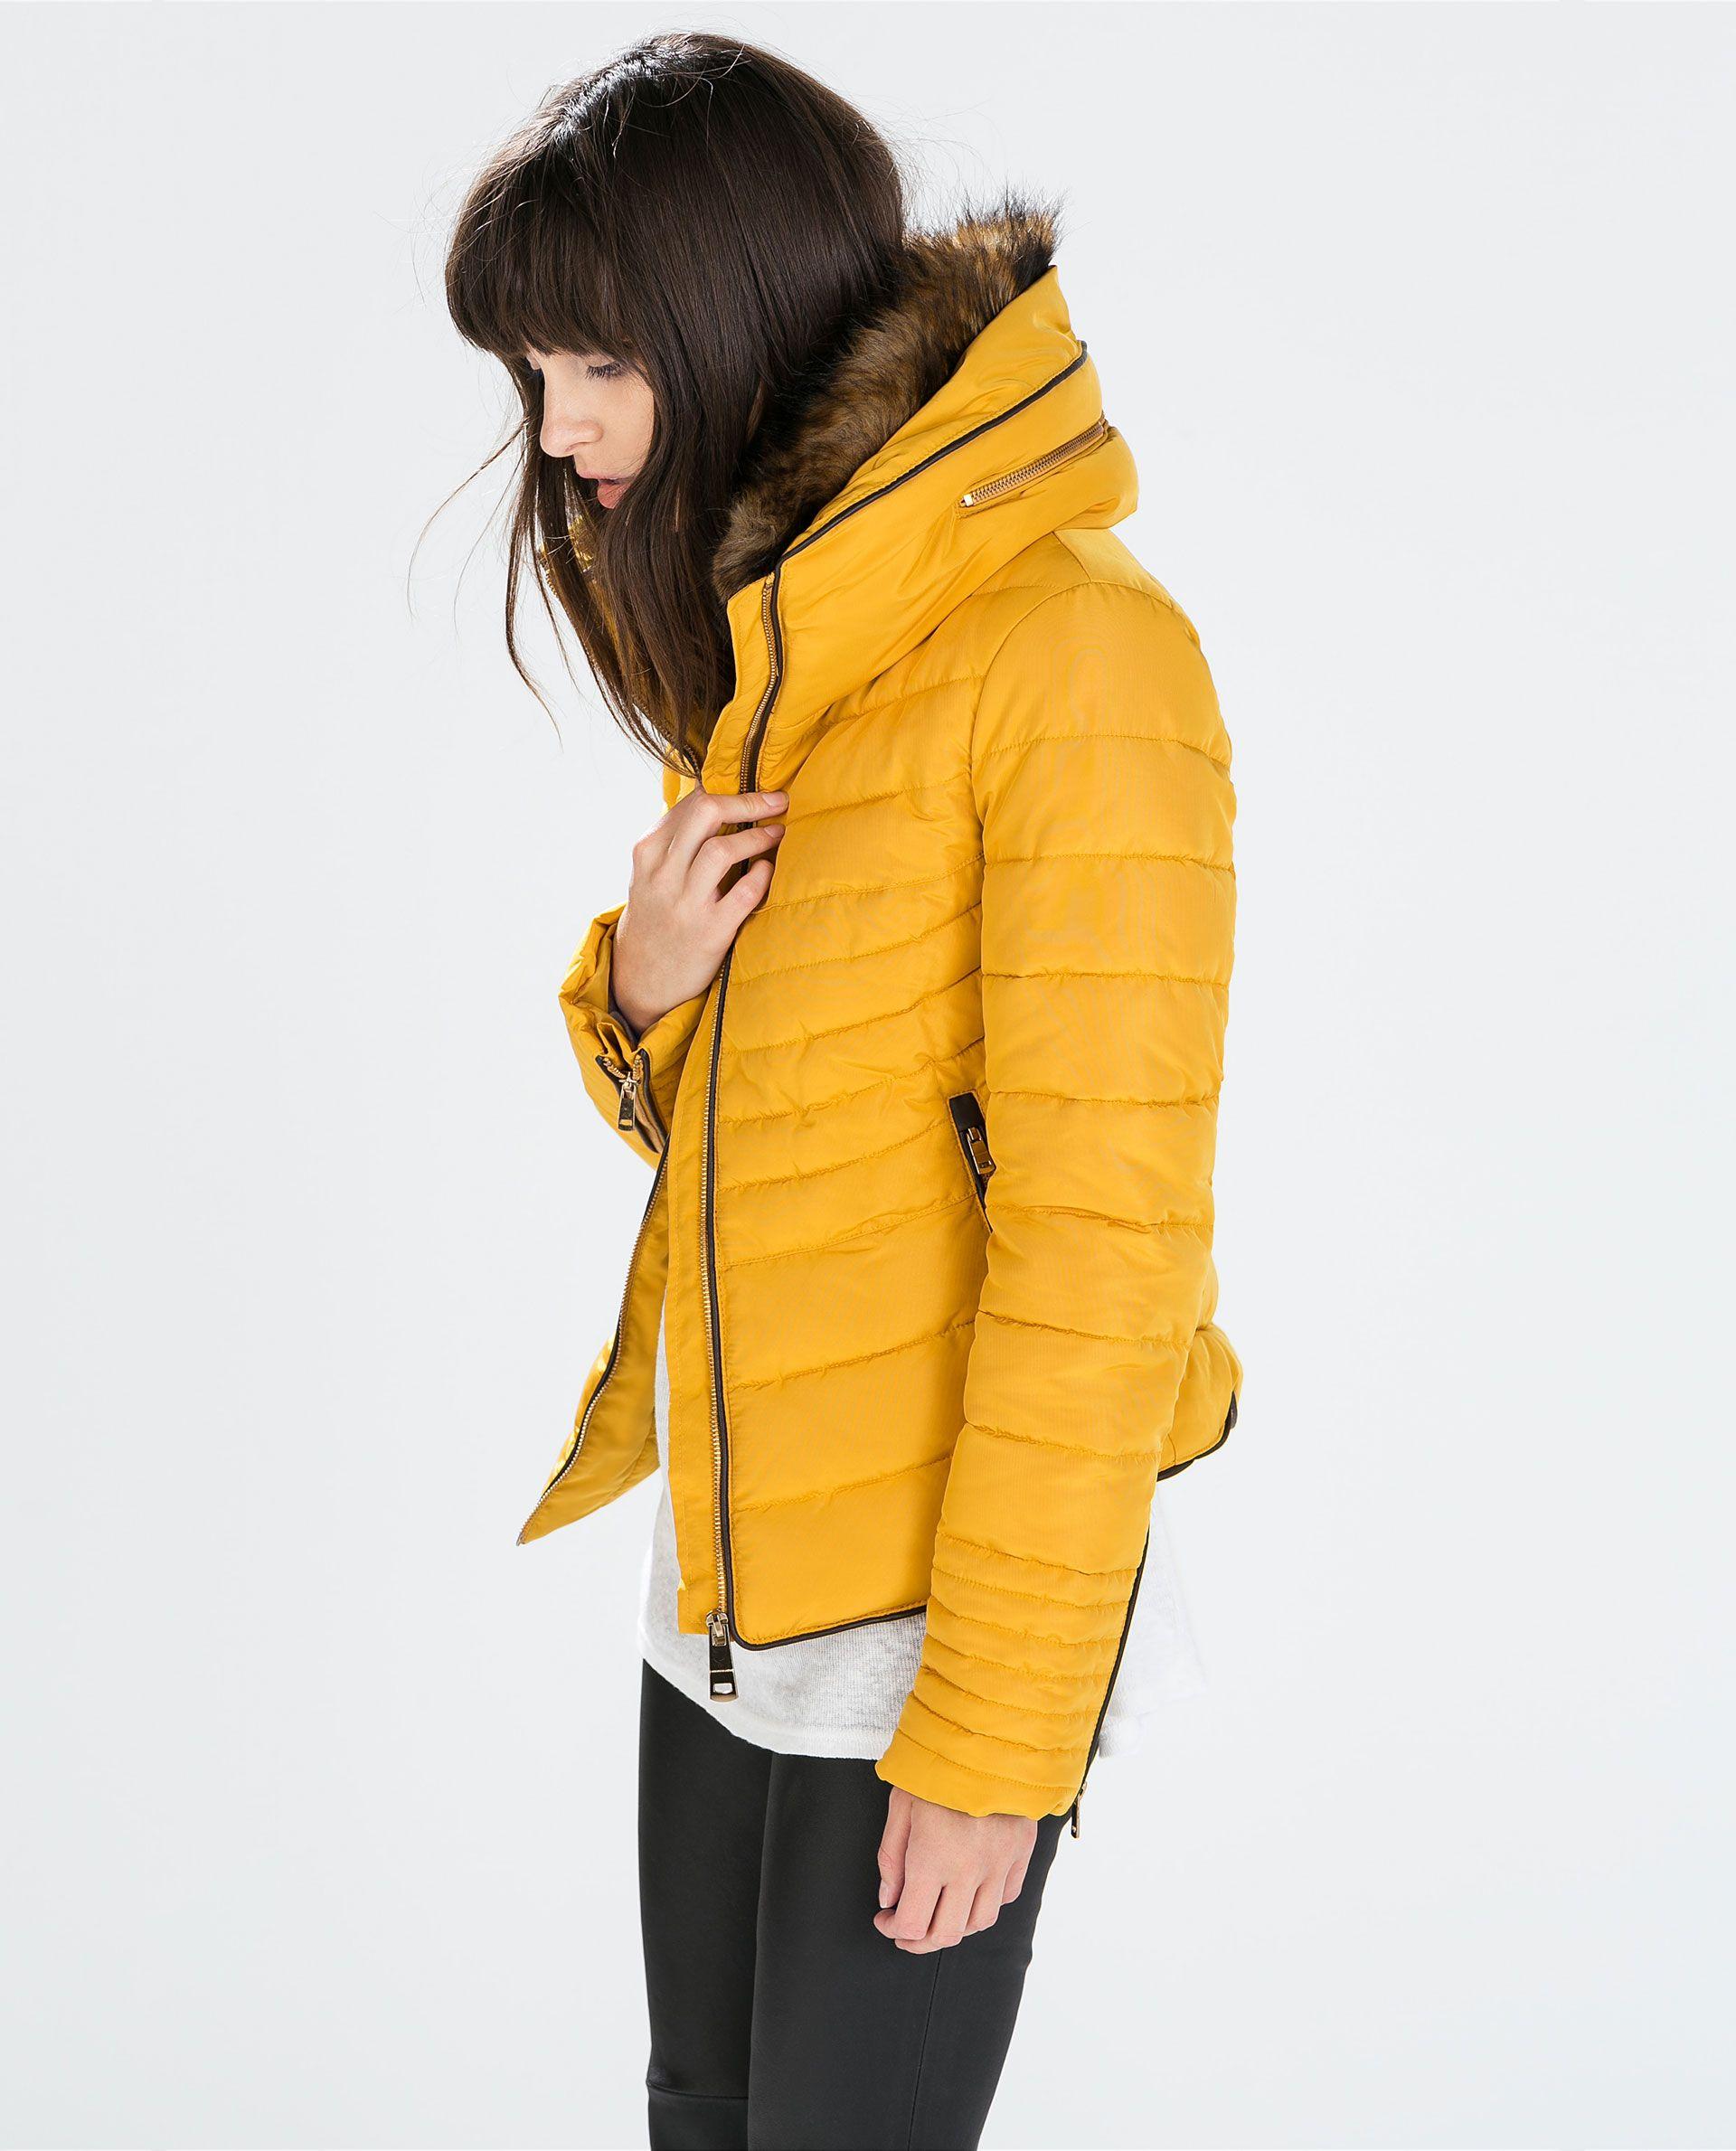 ZARA amarillo mostaza, acolchado abrigo collar de piel